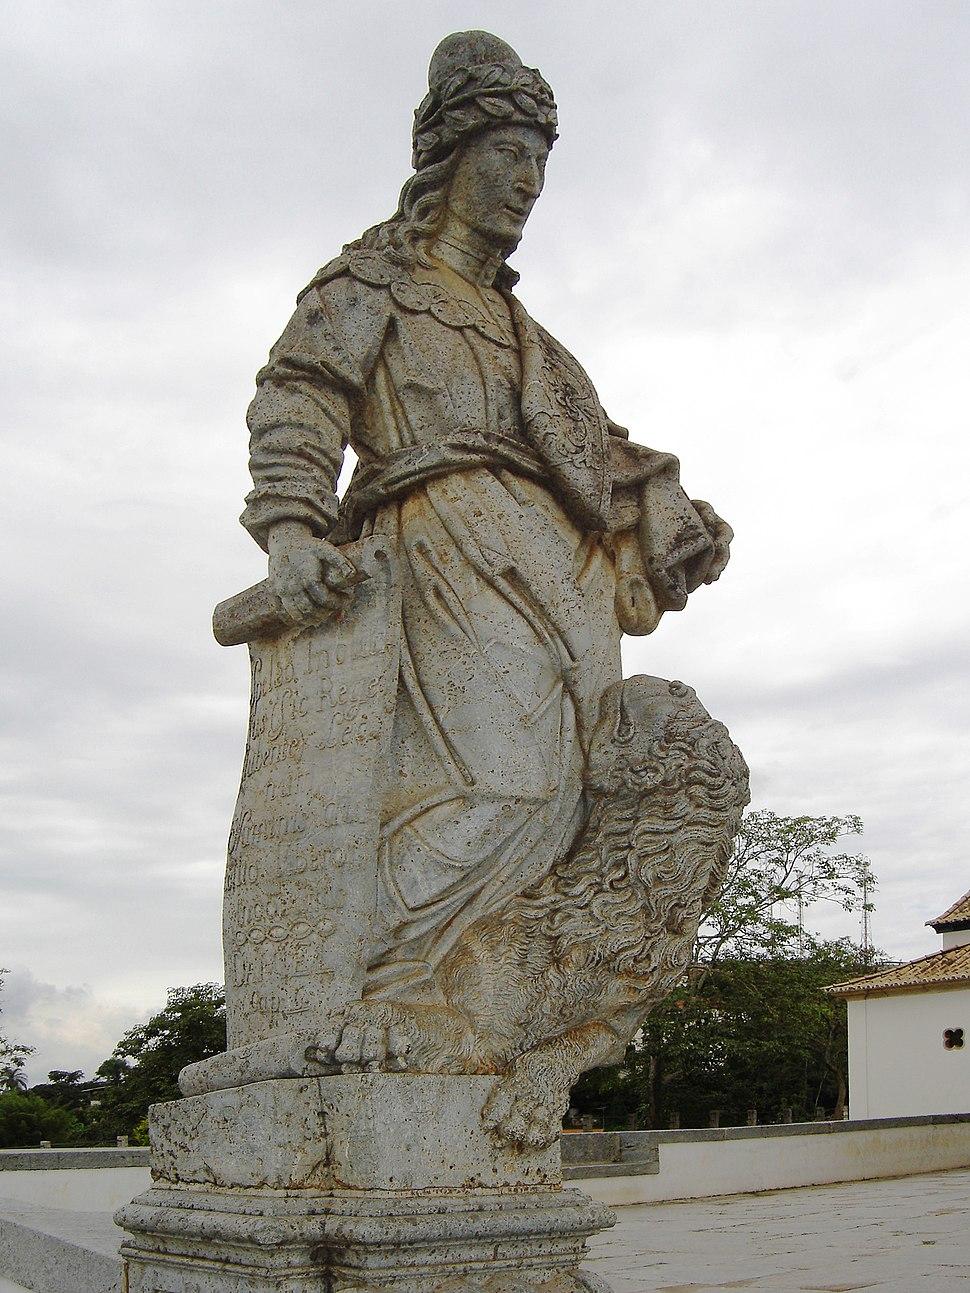 Congonhas sanctuary of Bom Jesus prophet Daniel